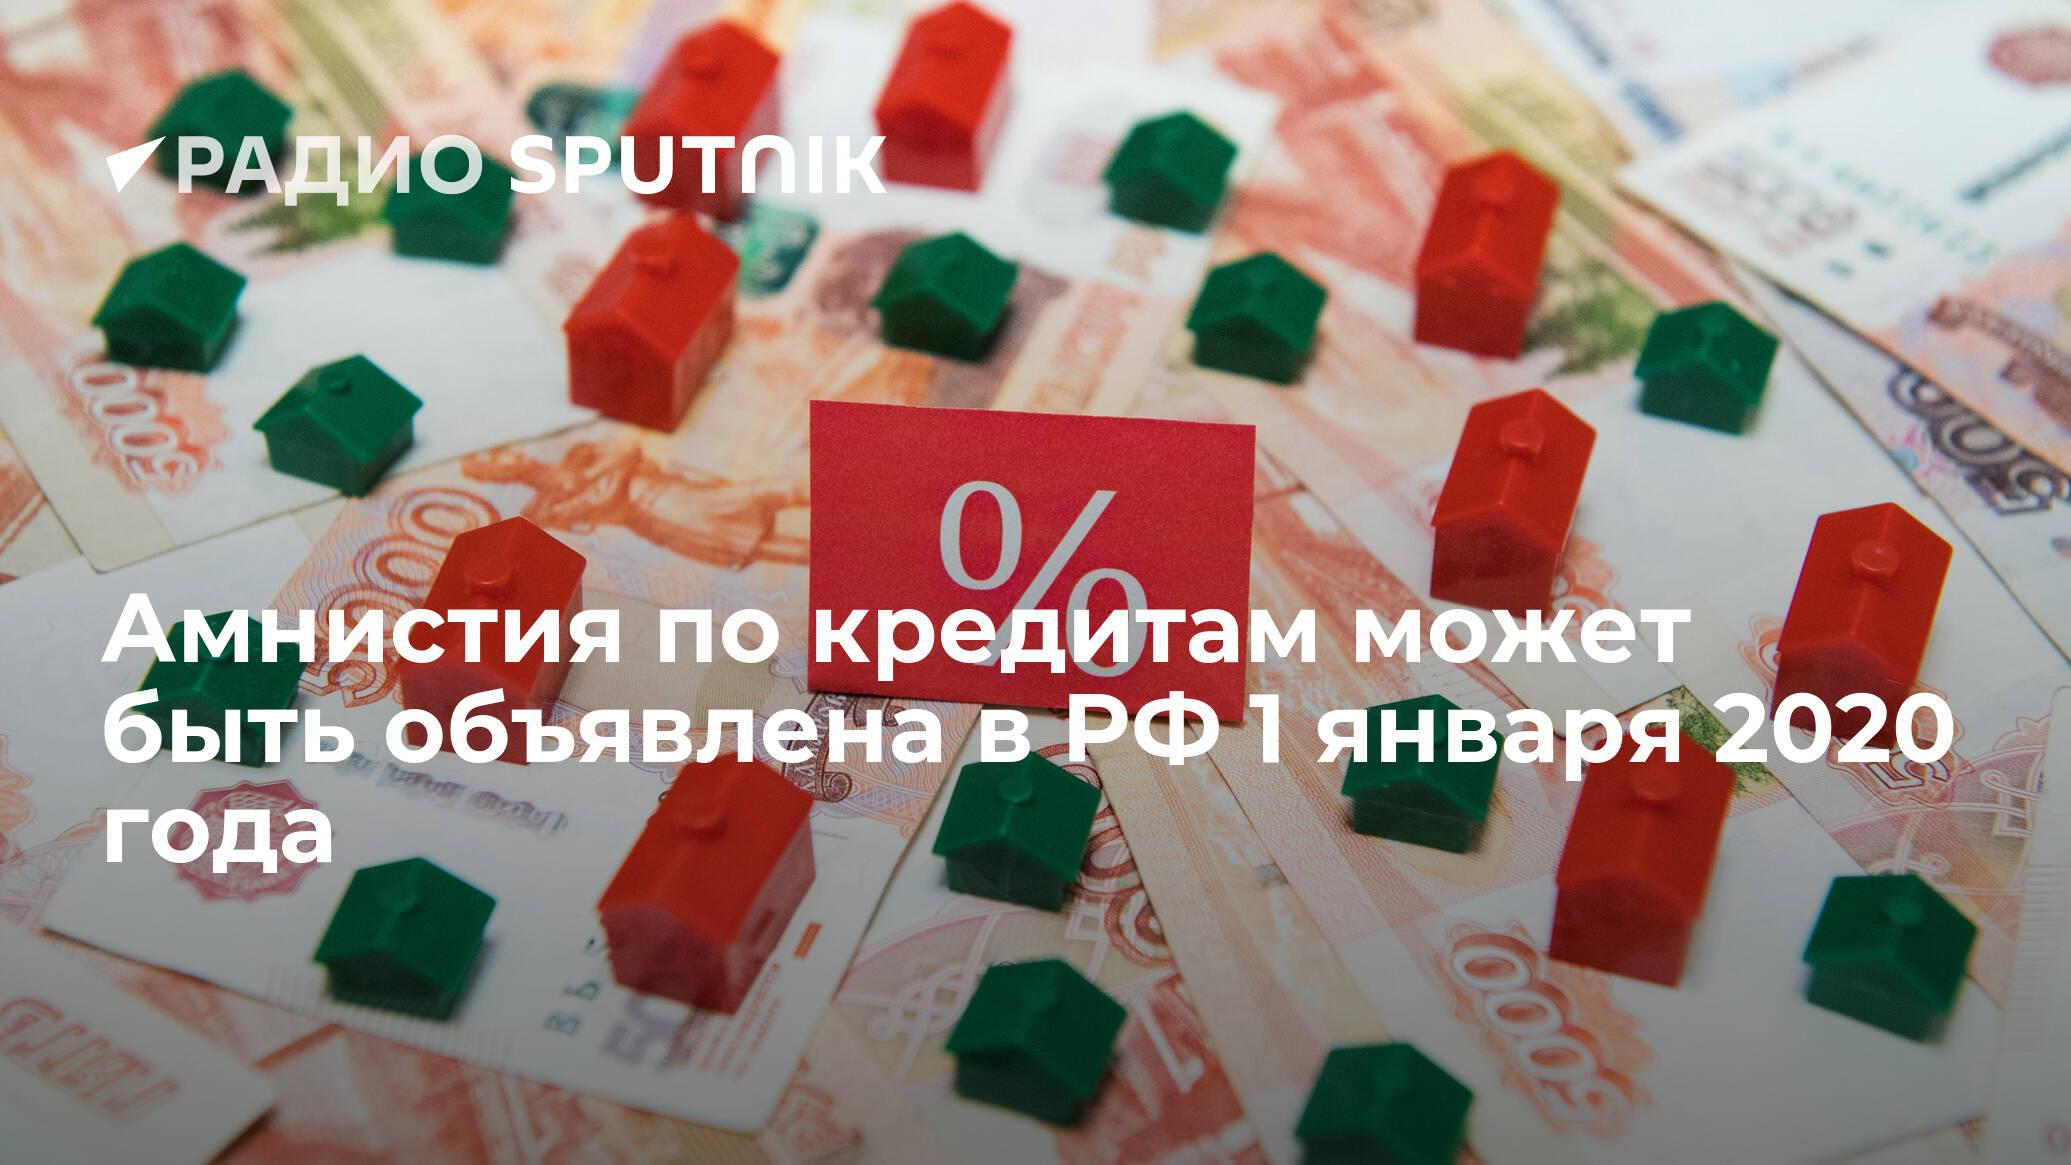 закон о кредитах с 1 января 2020 московский кредитный банк сергиев посад